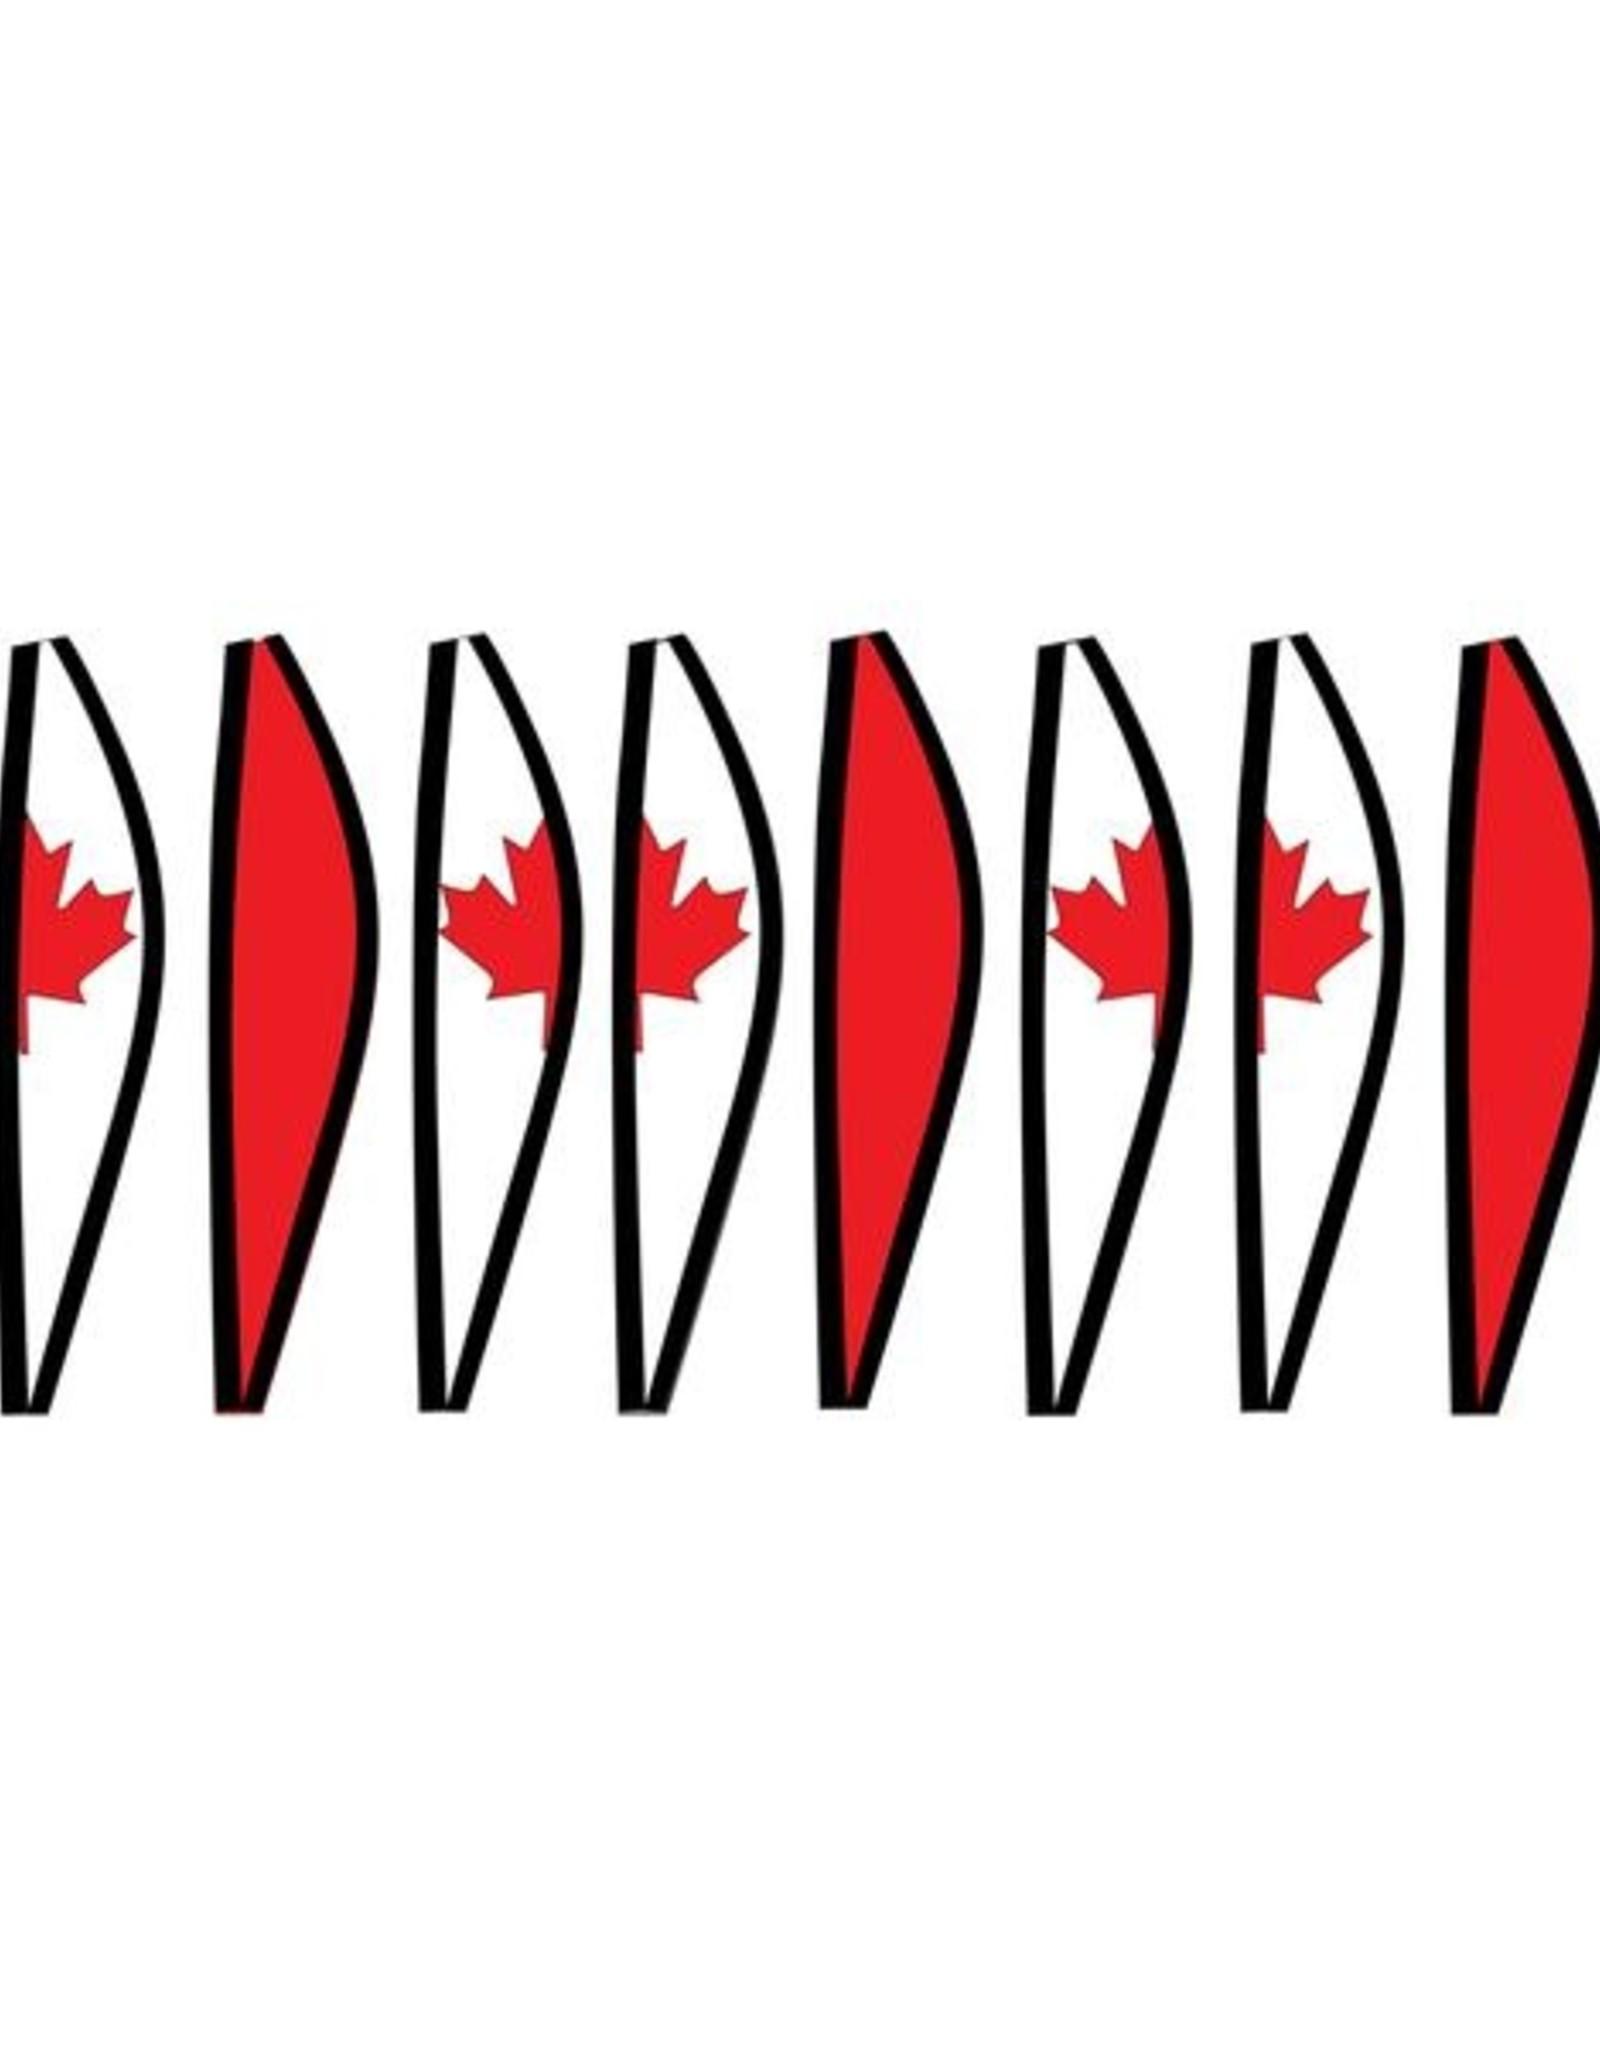 Premier Hot Air Balloon Canada 12in